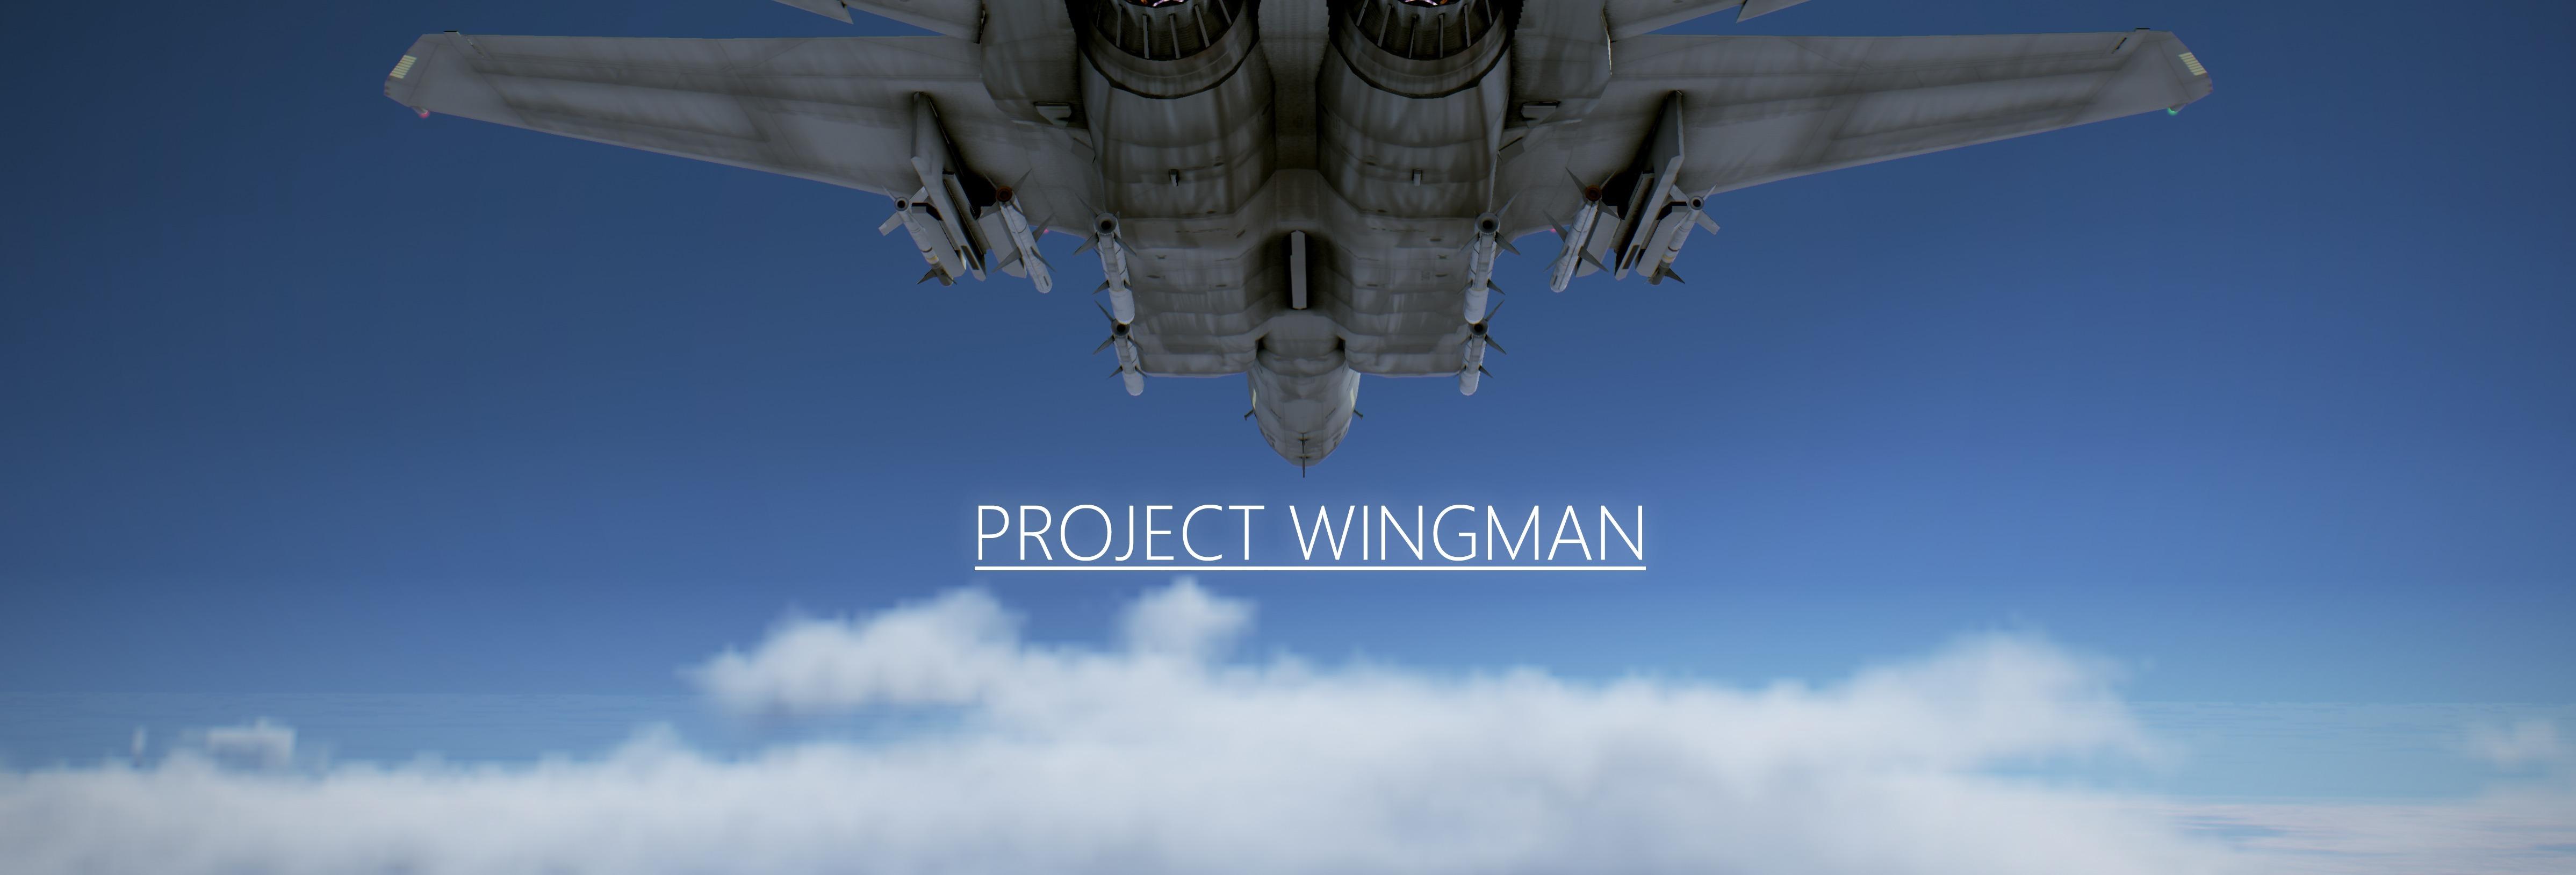 VR támogatást kap a Kickstarter siker repülőjáték, a Project Wingman